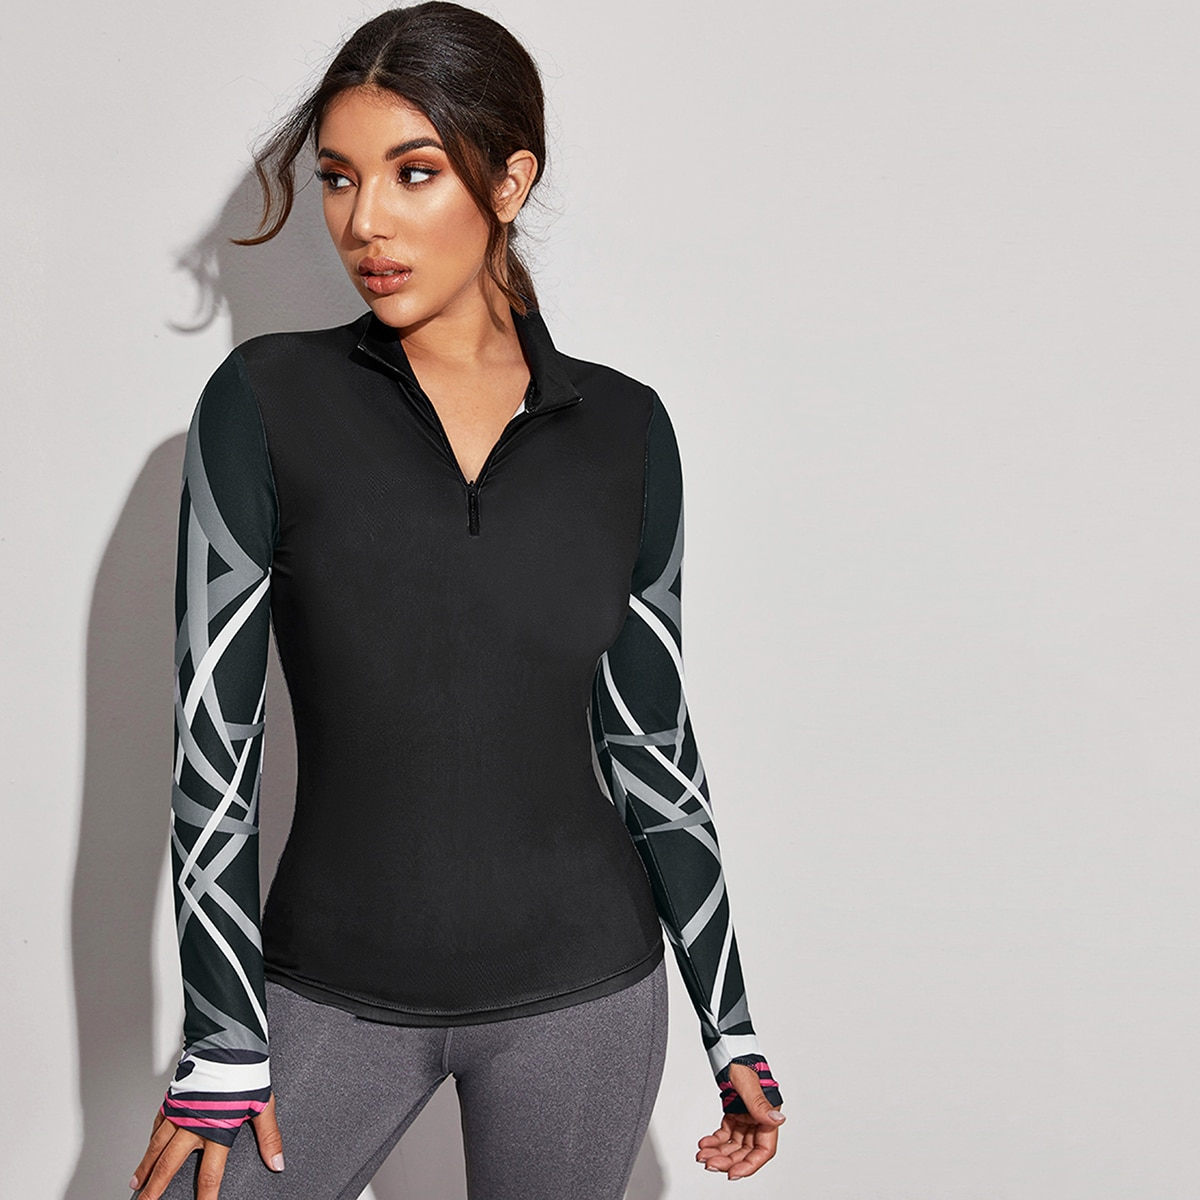 Zwart Grafisch Sport sweatshirts Rits